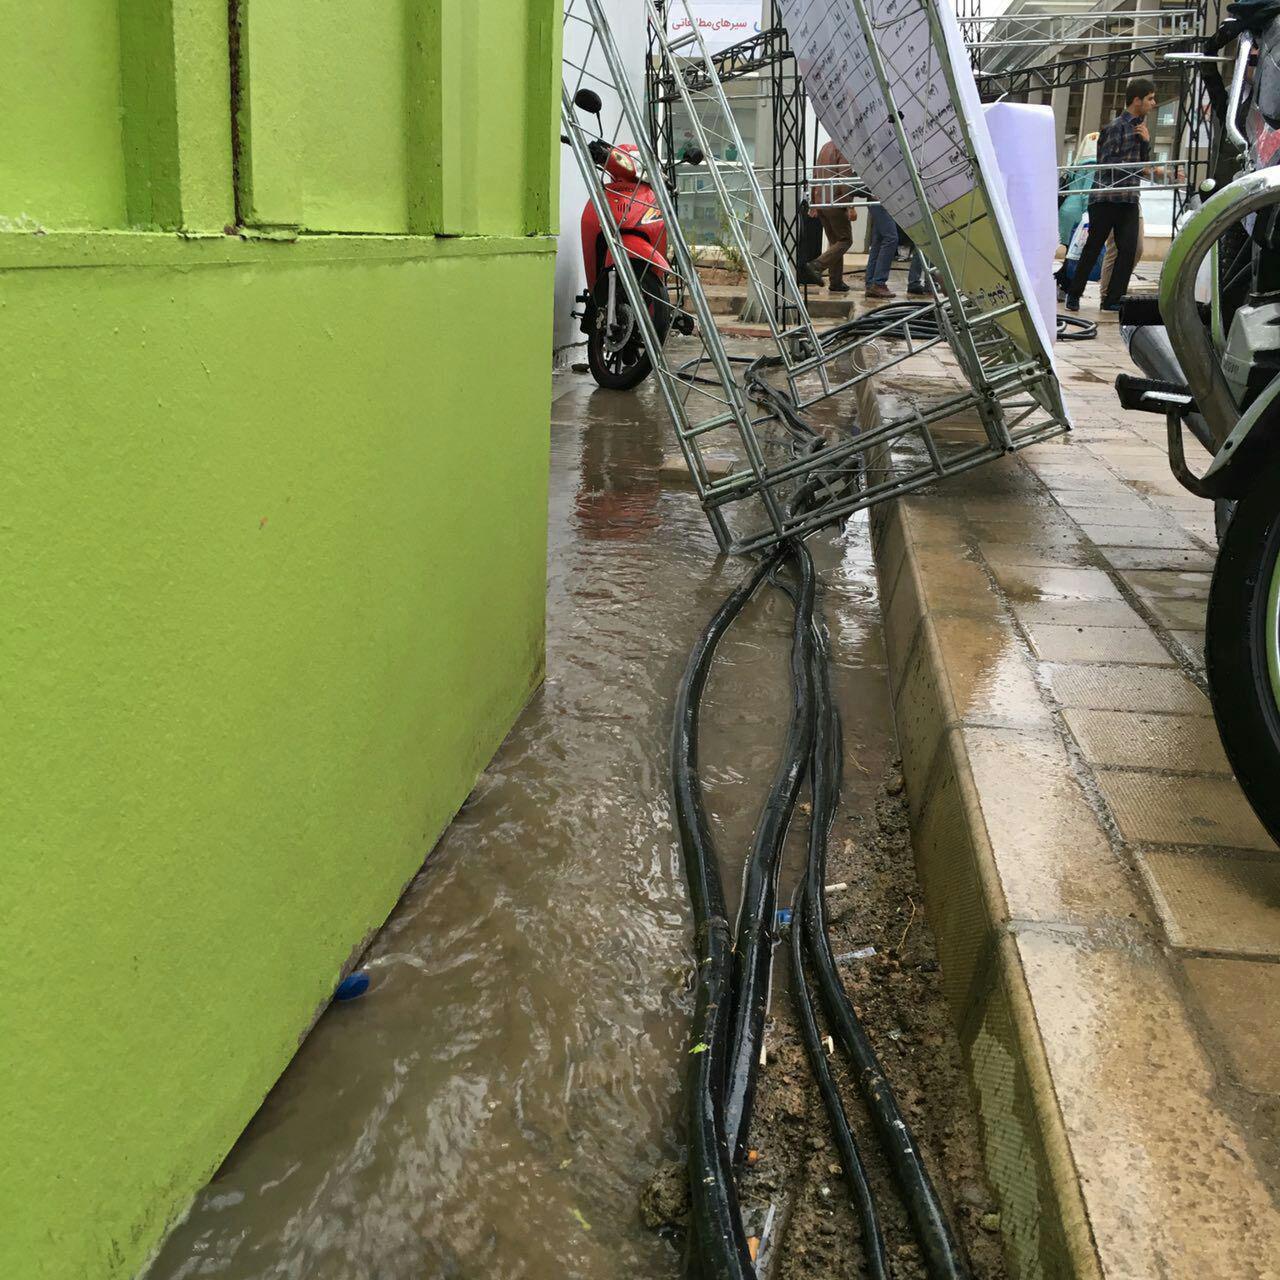 باران «شهر آفتاب» را به هم ریخت +عکس